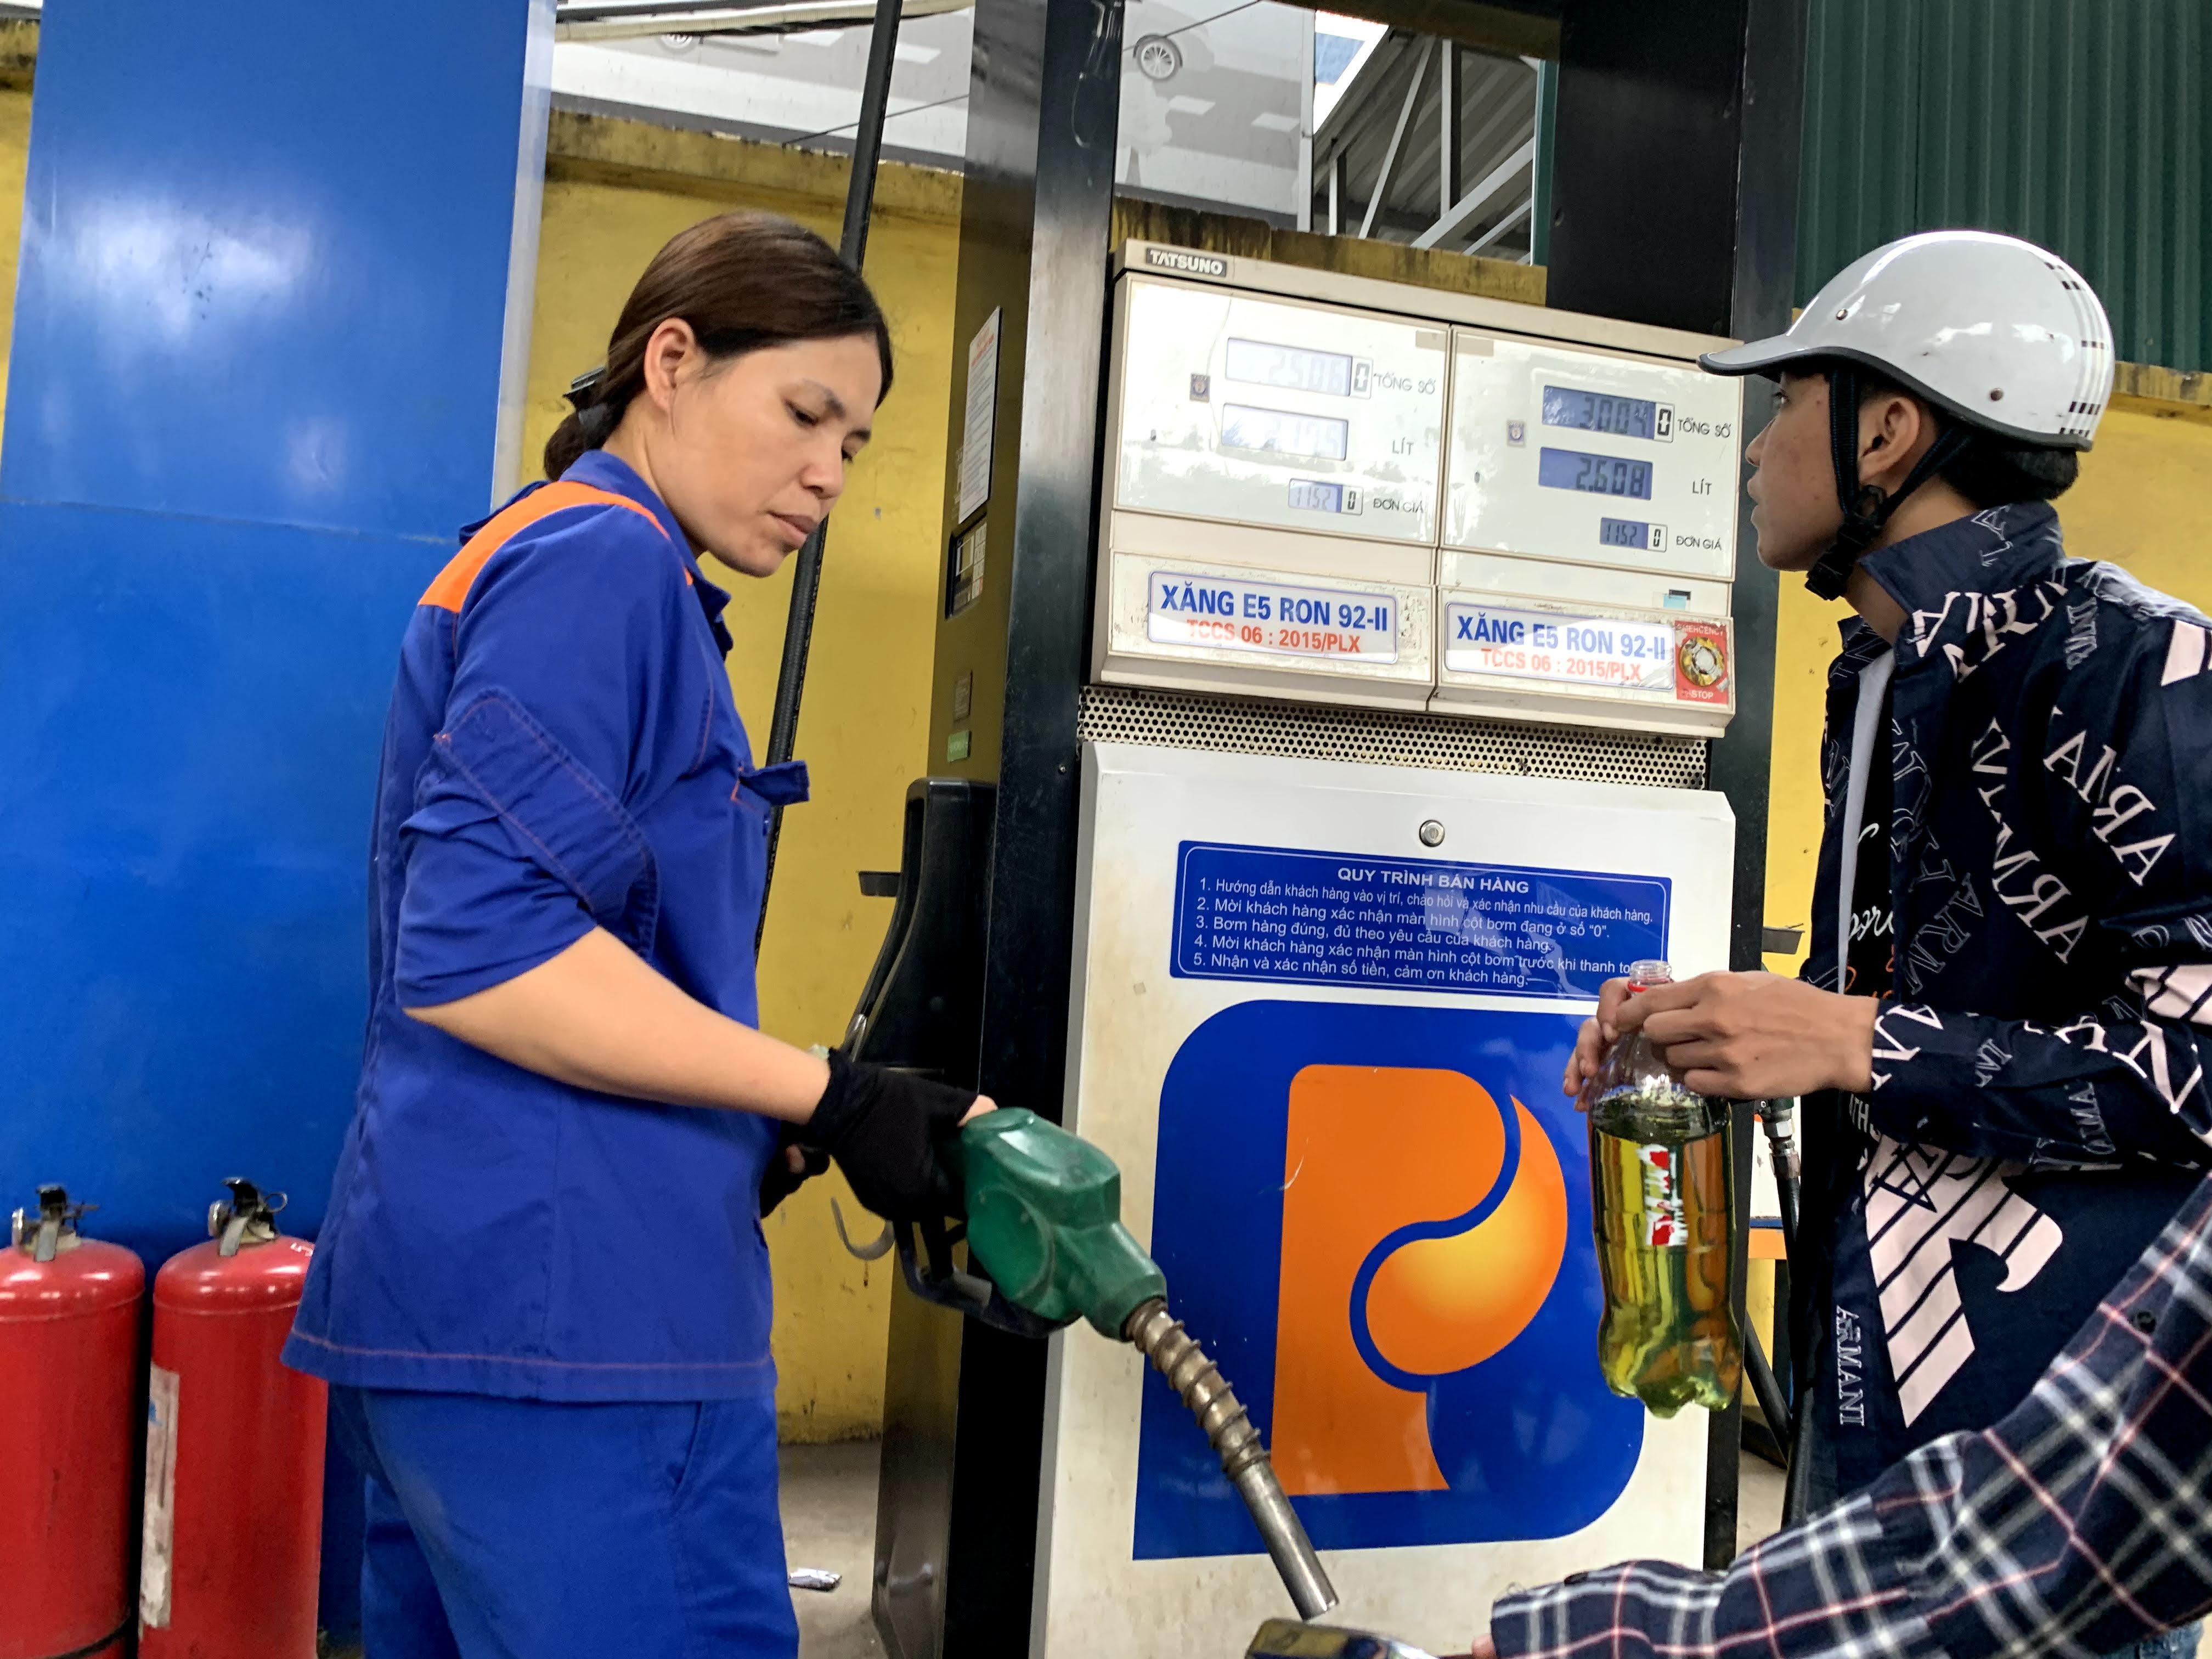 Bị tố găm hàng đợi tăng giá, các trạm xăng nói gì? - Ảnh 3.